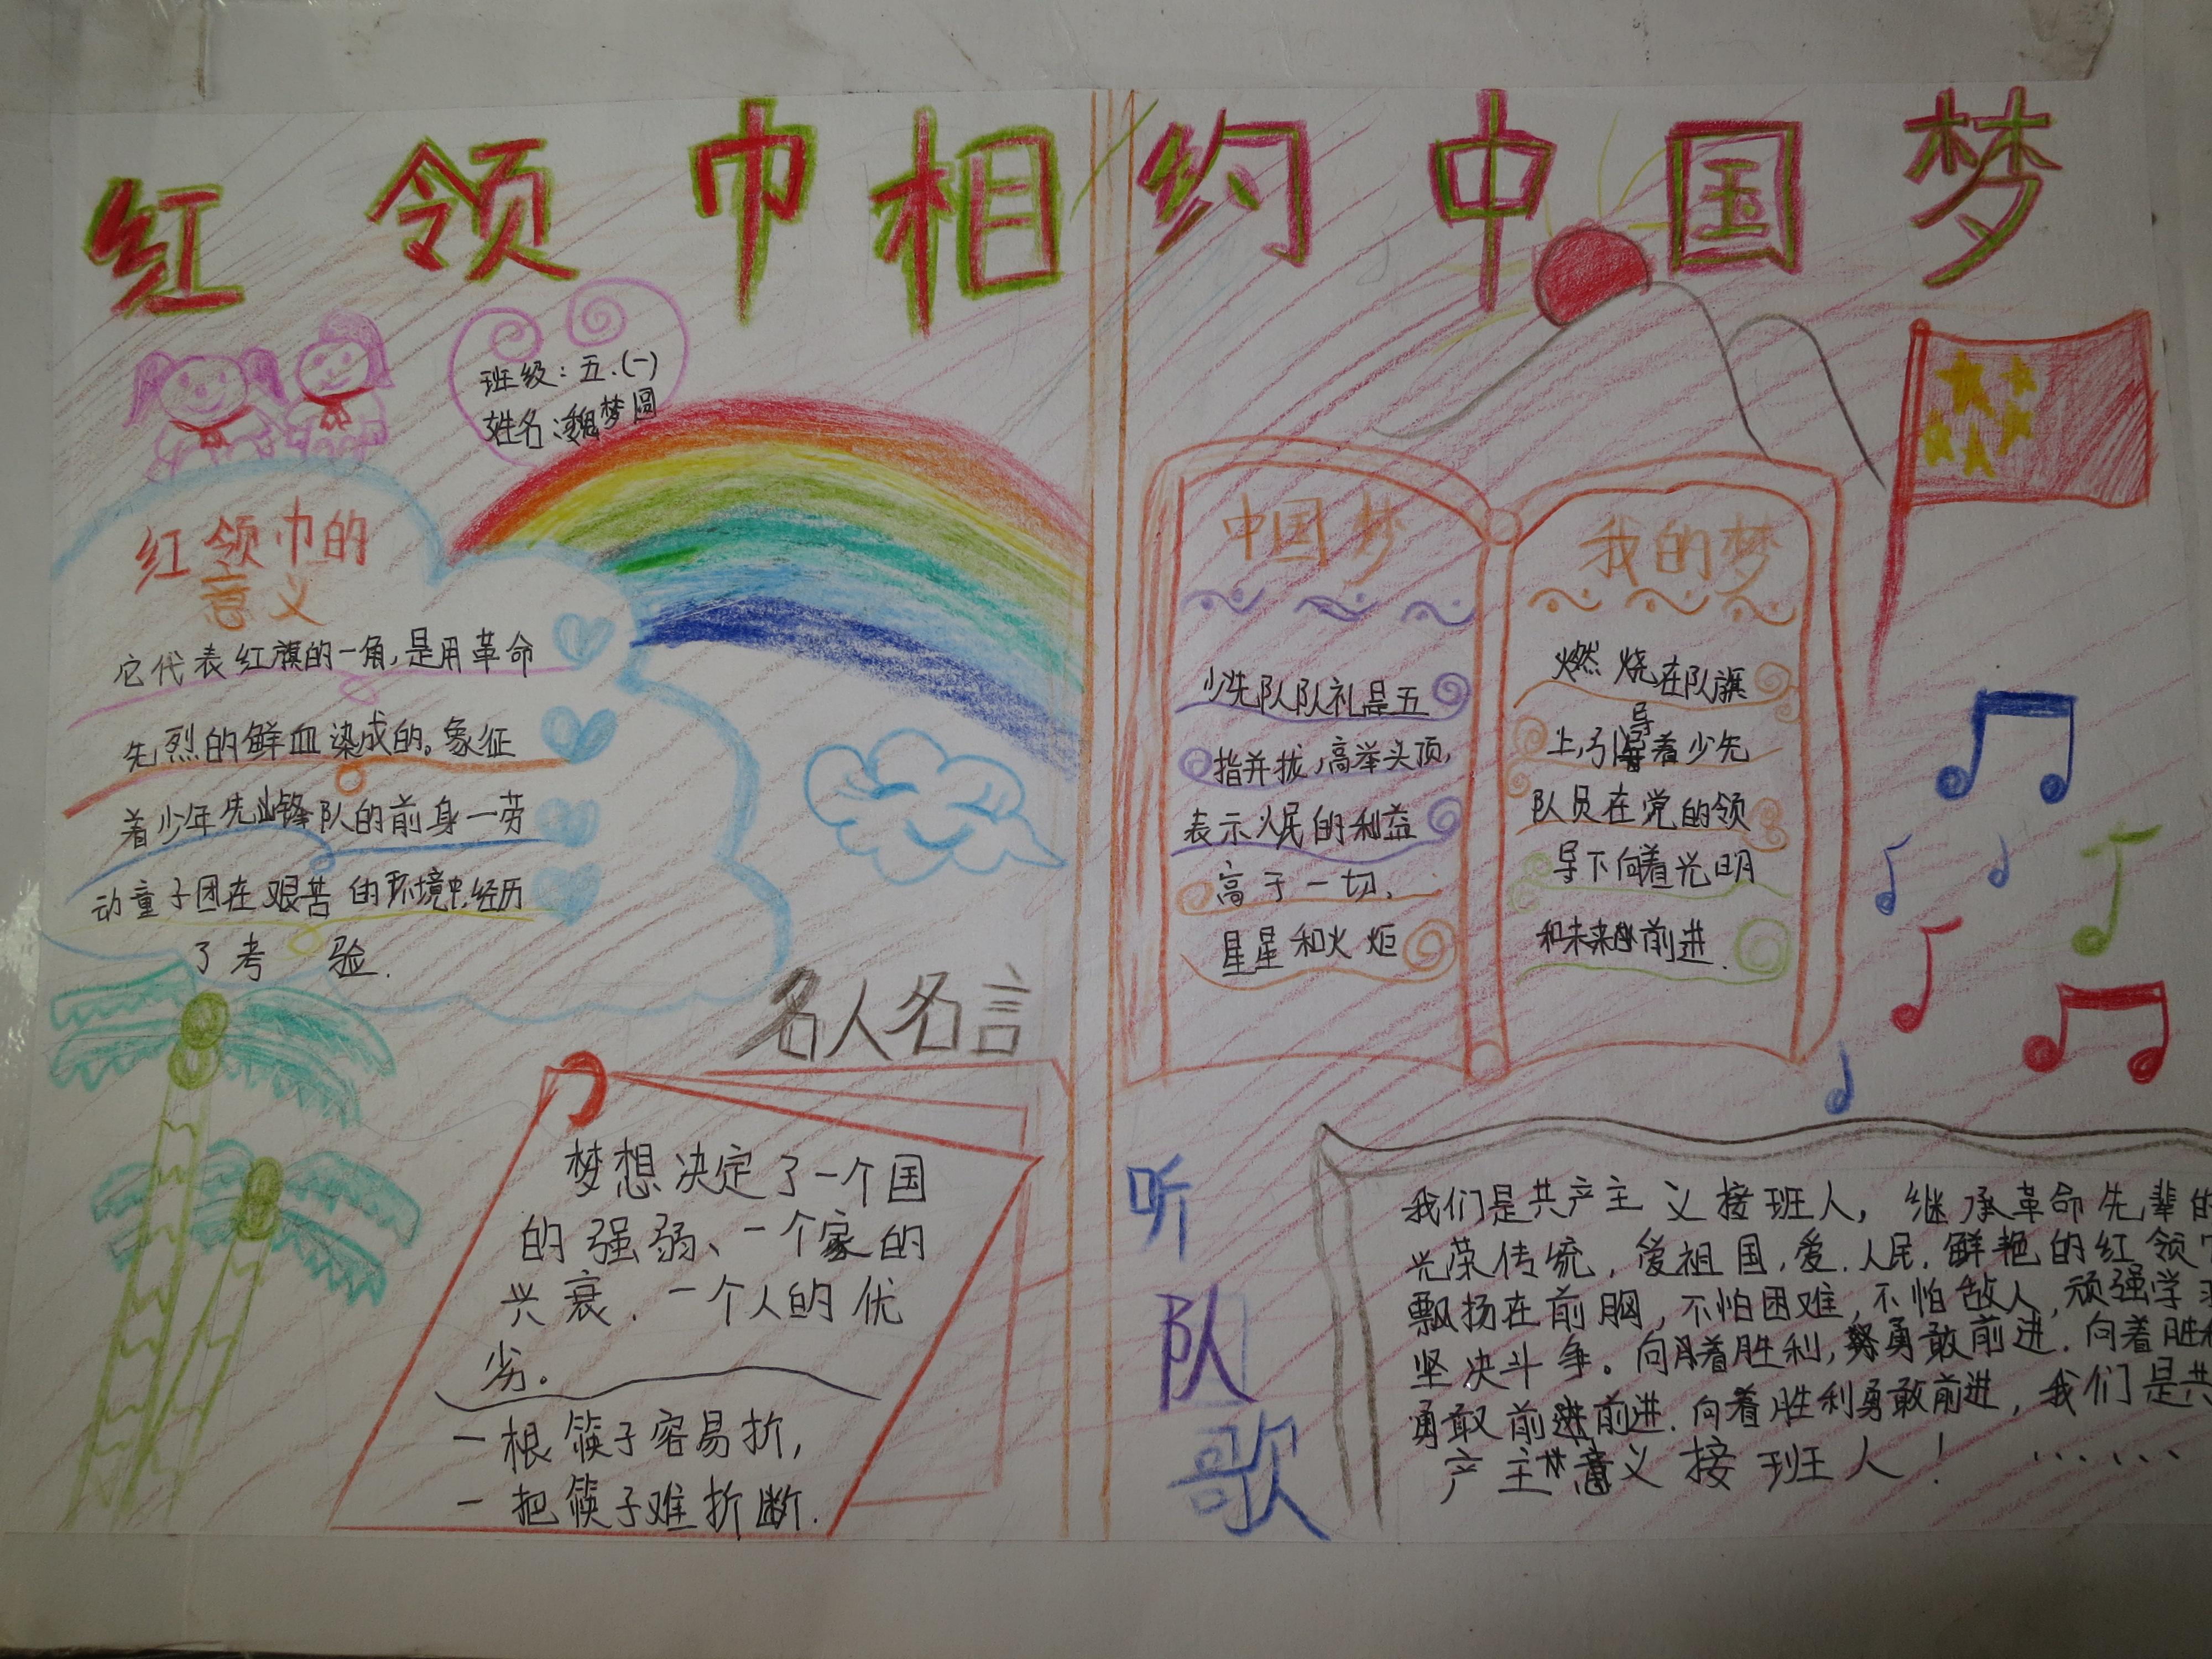 红领巾相约中国梦绘画 手抄报